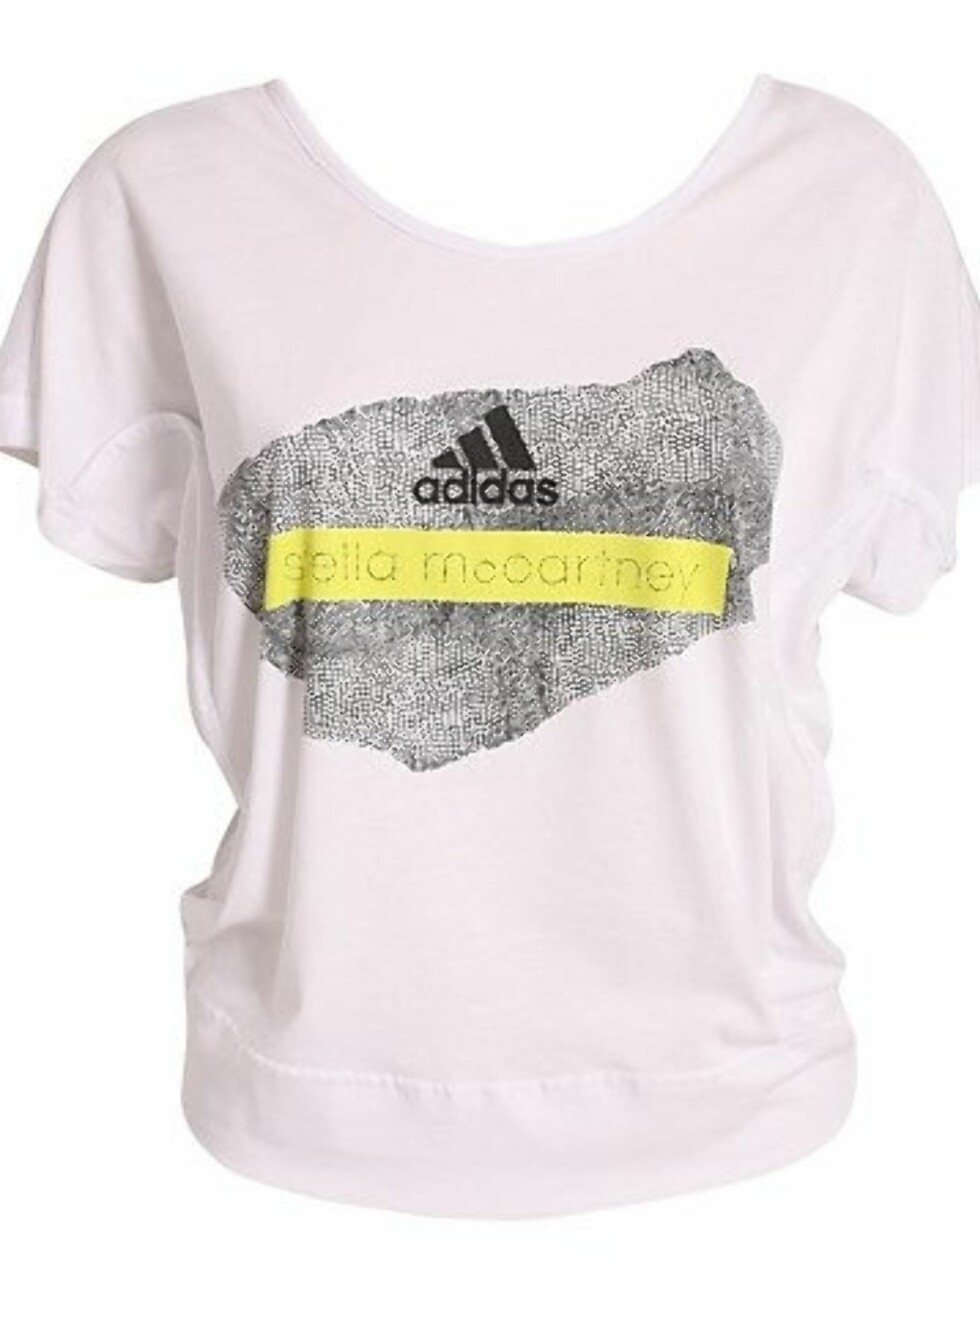 Treningsskjorte i en noe løs modell, fra Adidas by Stella McCartney. Laget av 100% Organisk Bomull. 399 kroner fra Nelly.com.  Foto: Produsenten